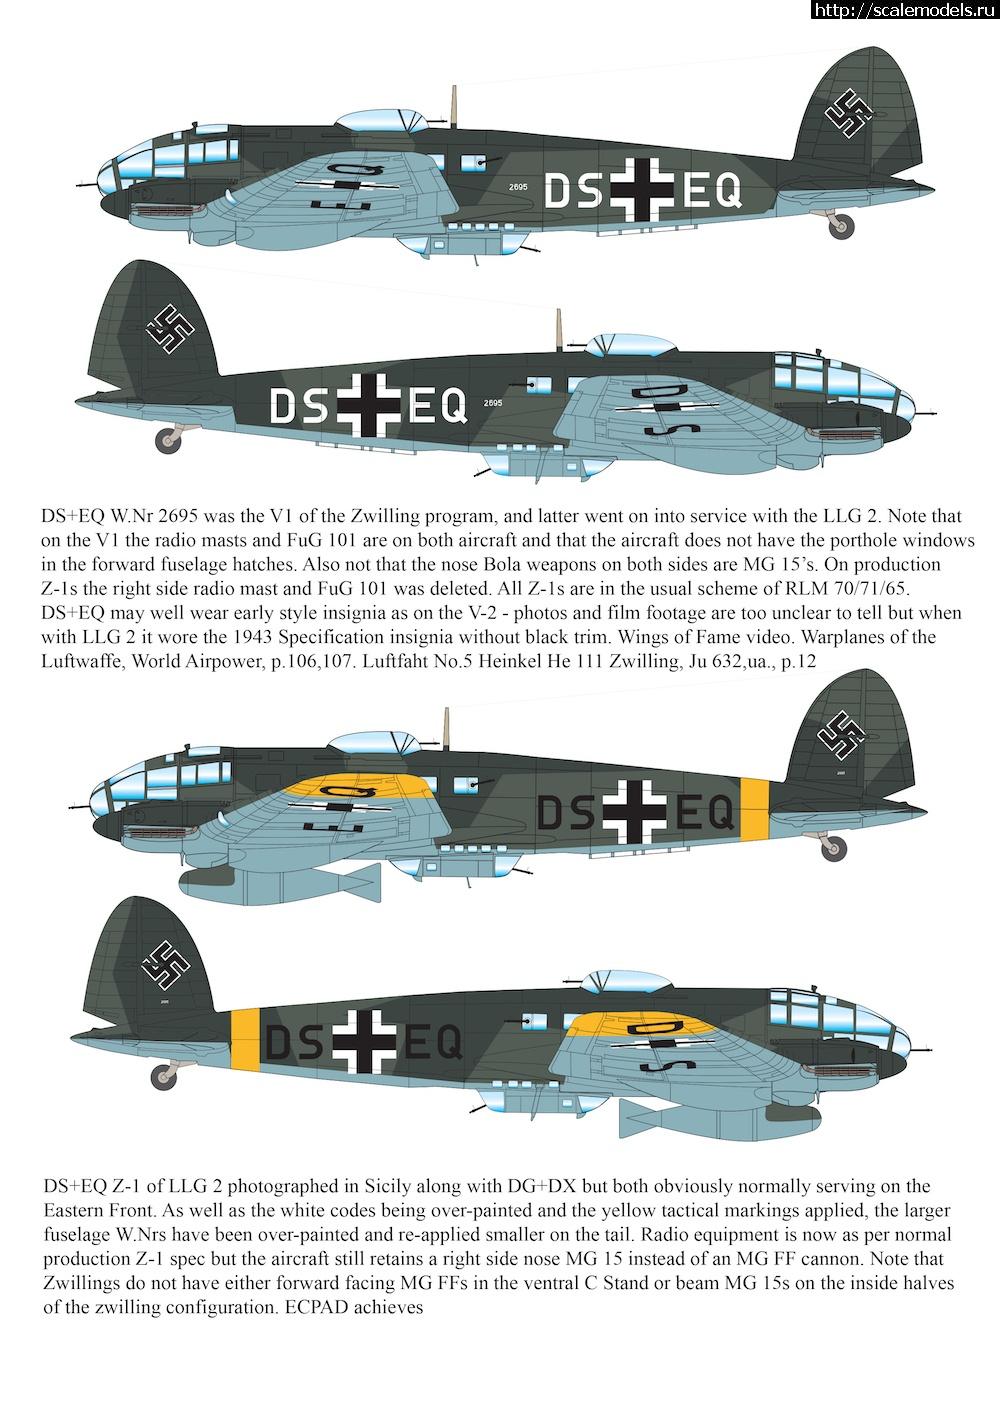 Анонс AIMS-models 1/48 He 111 Z ZWILLING Закрыть окно